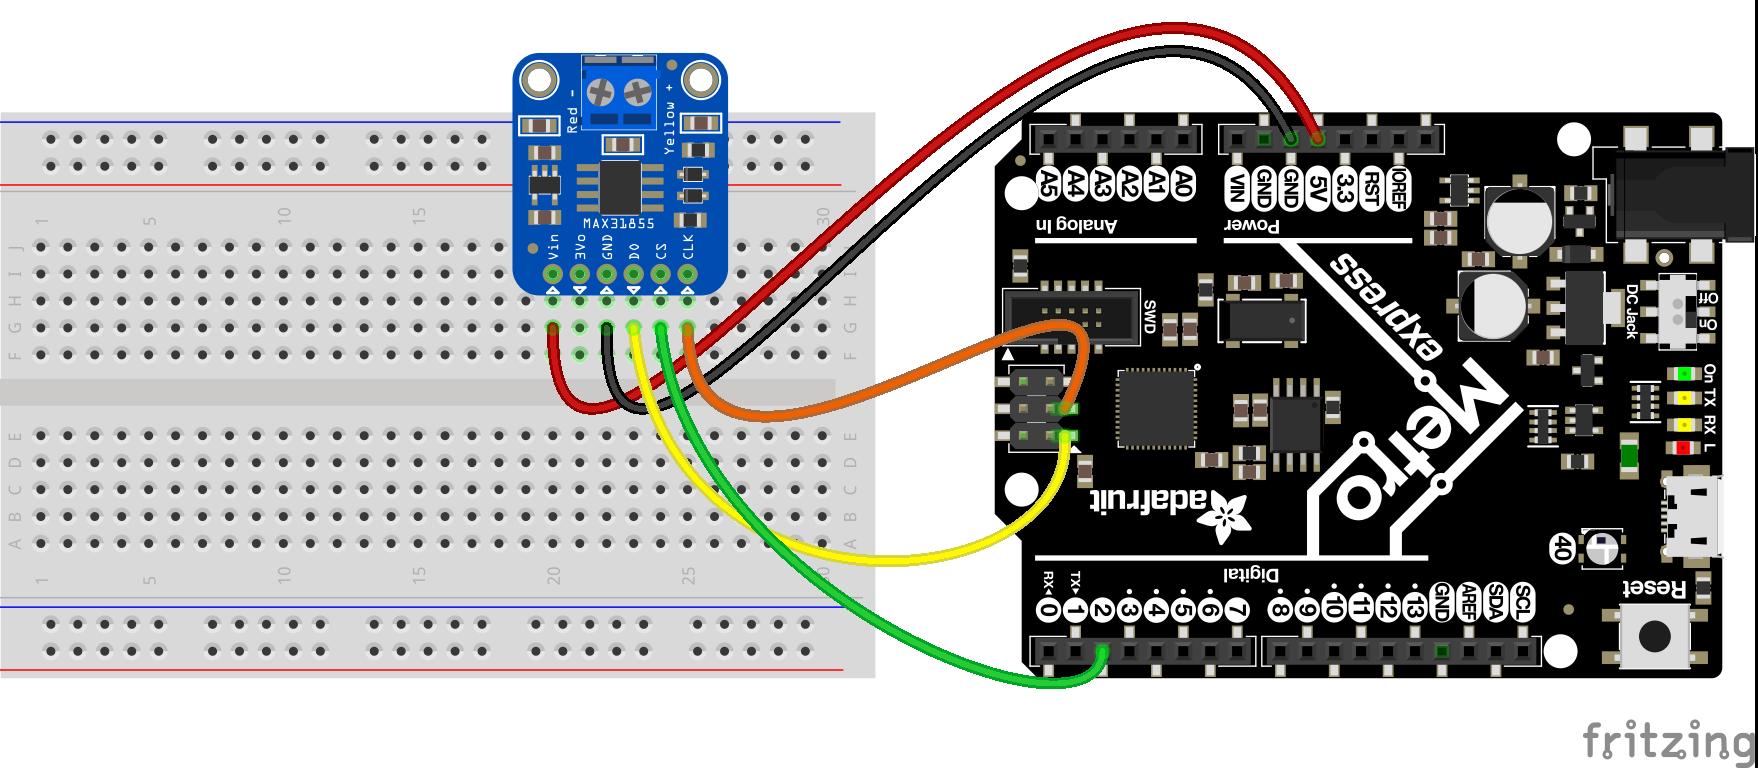 circuitpython_03_i2c_spi_figure_2.png